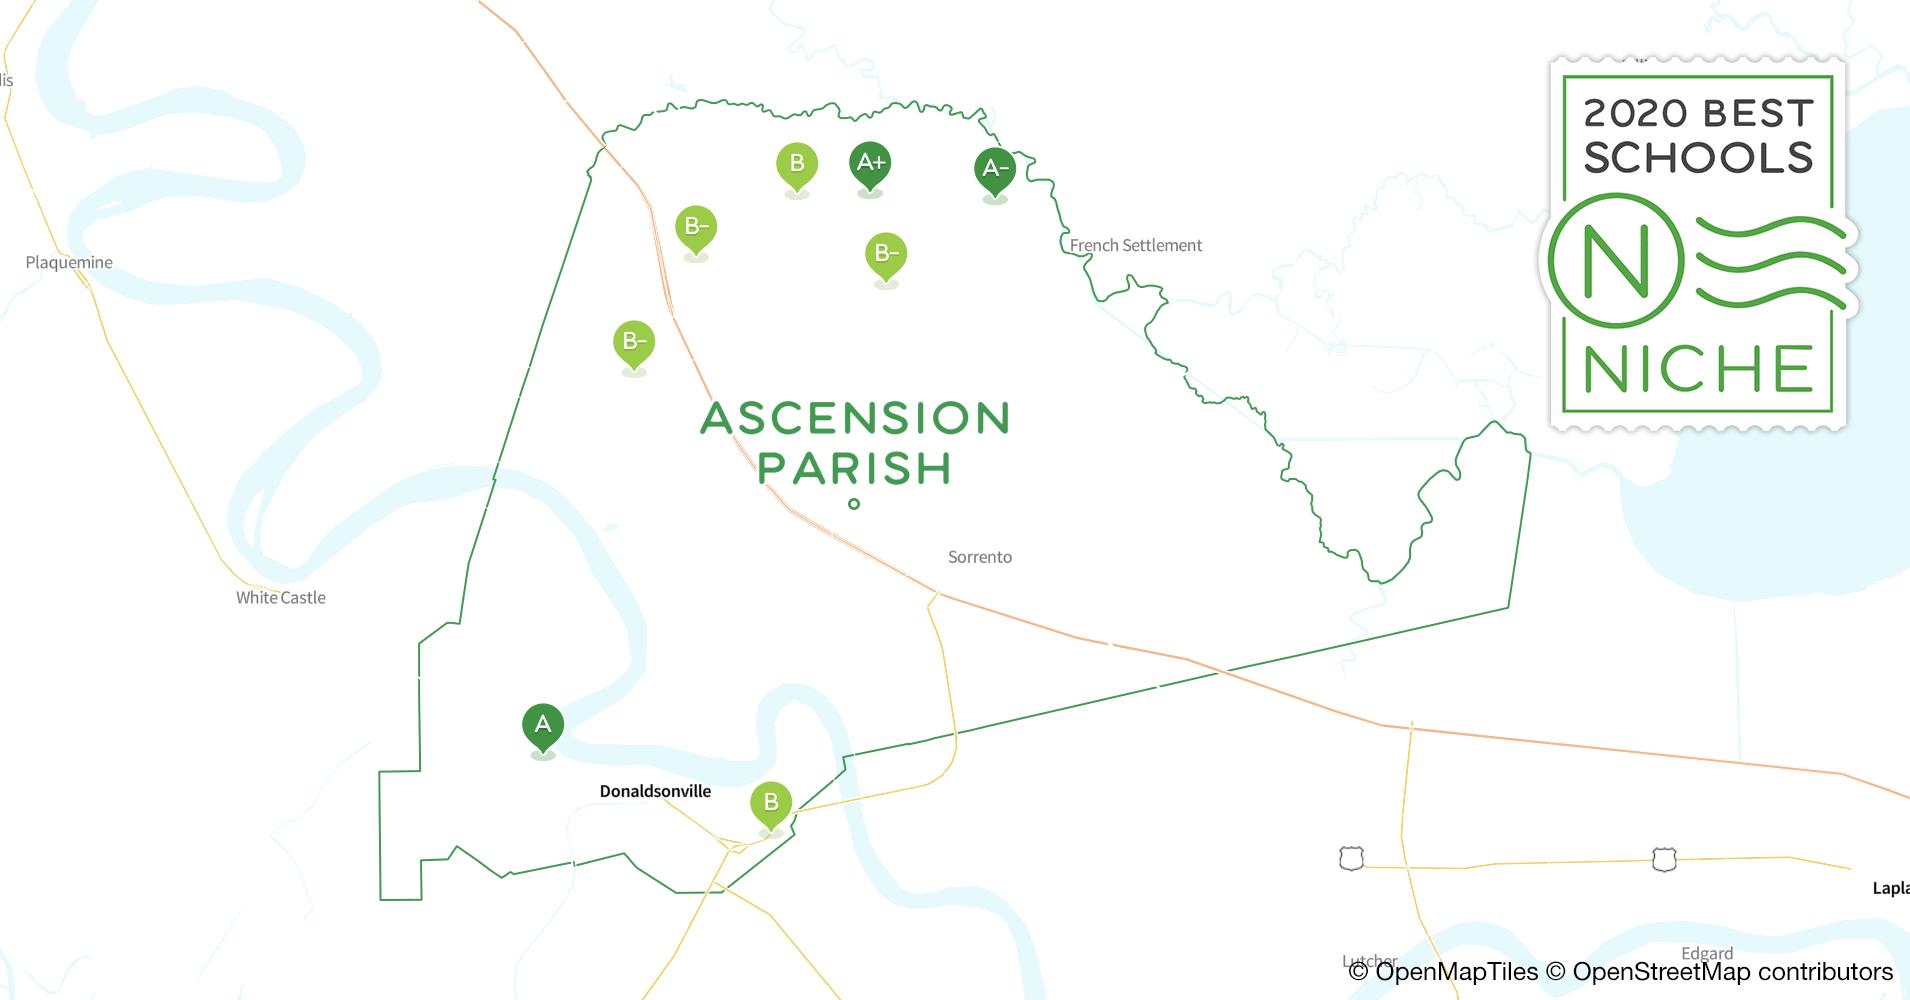 2020 Best Public Middle Schools in Ascension Parish, LA - Niche